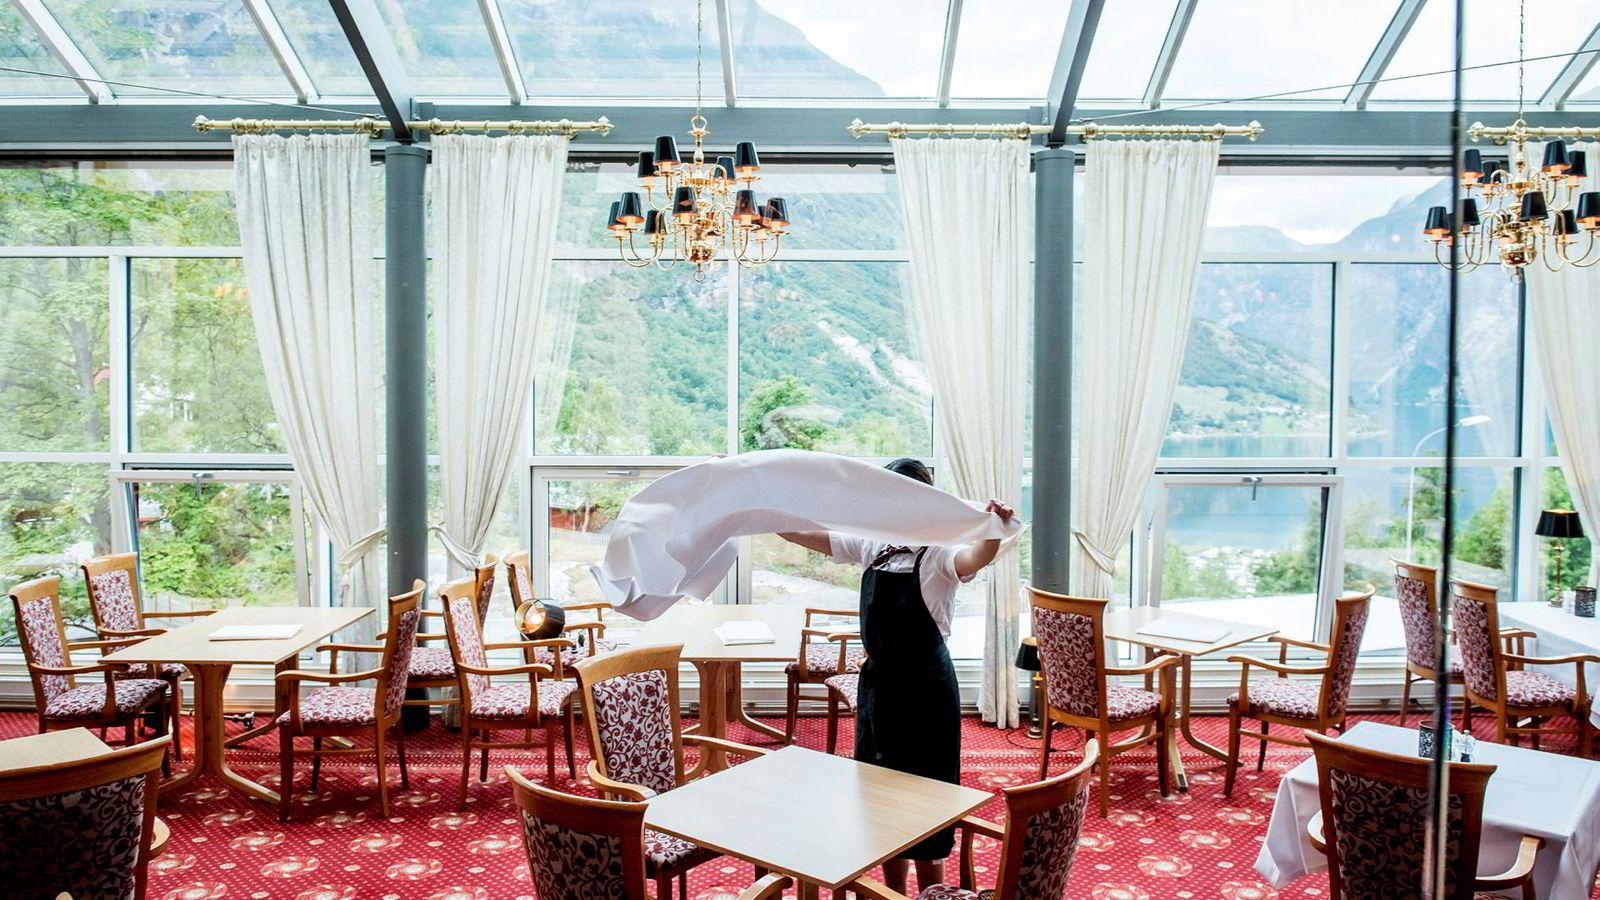 Utsikten fra restauranten til Hotel Union Geiranger er spektakulær.